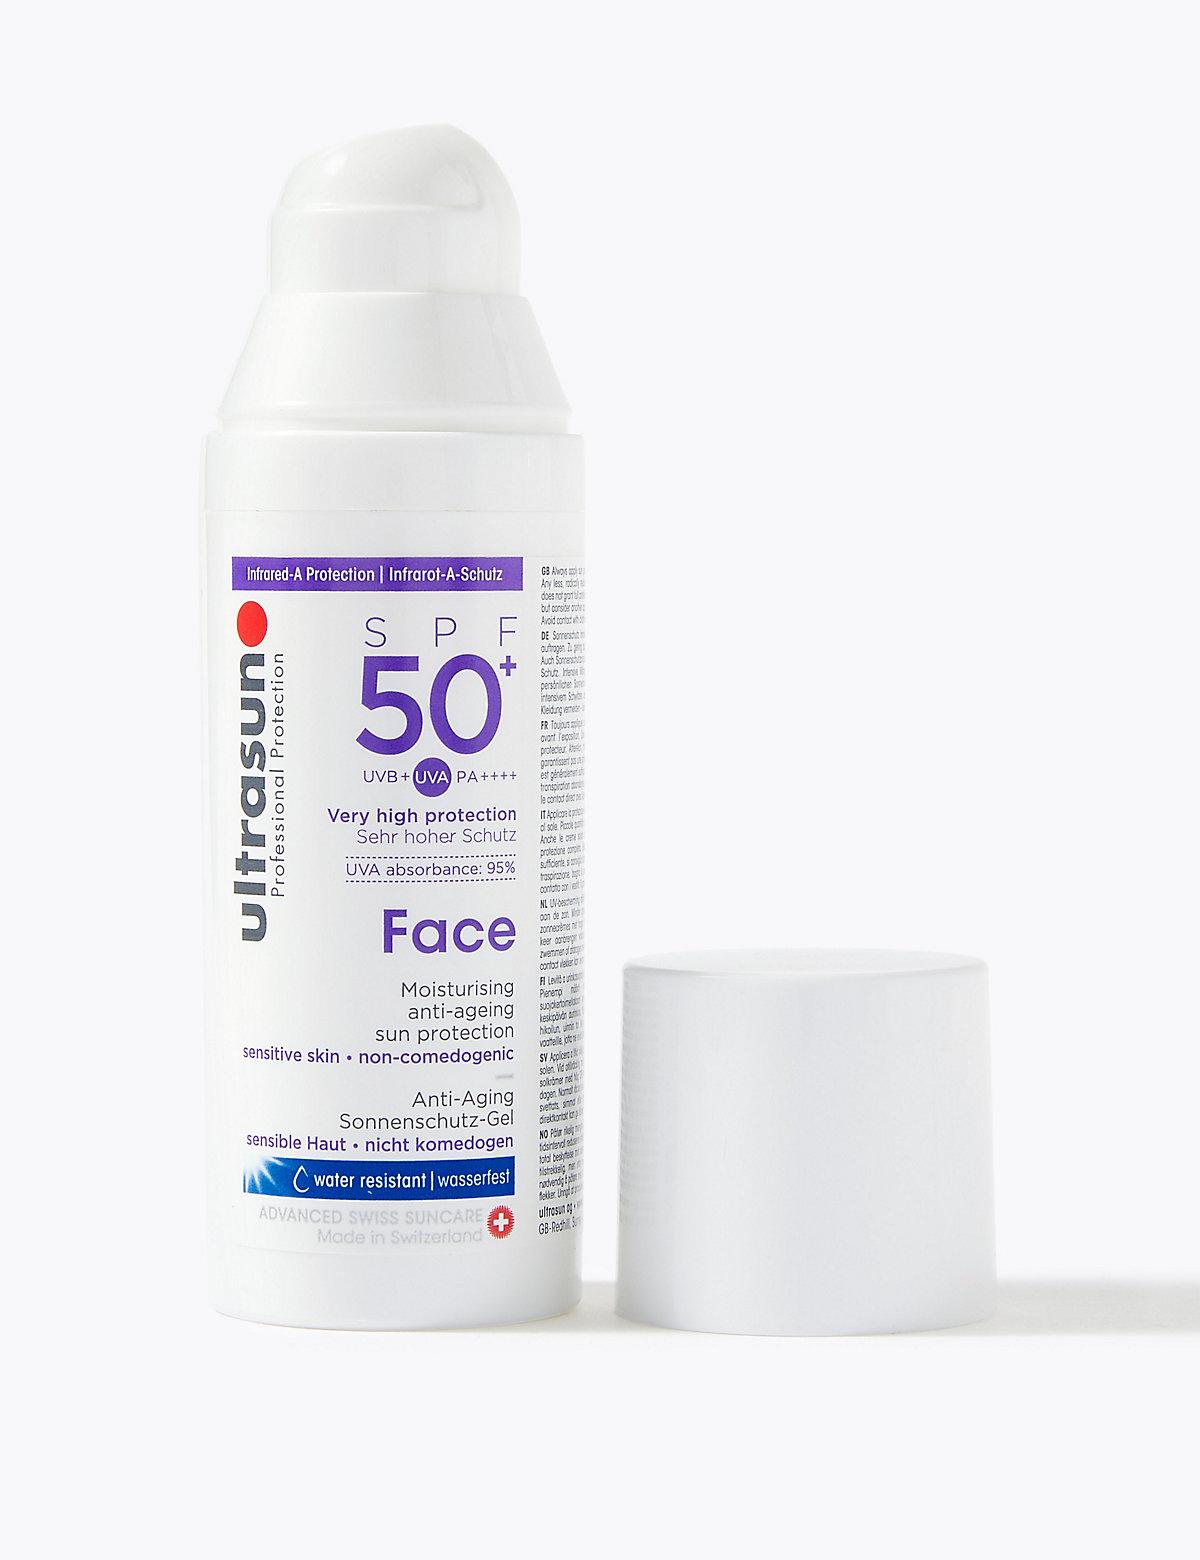 Face cream deals